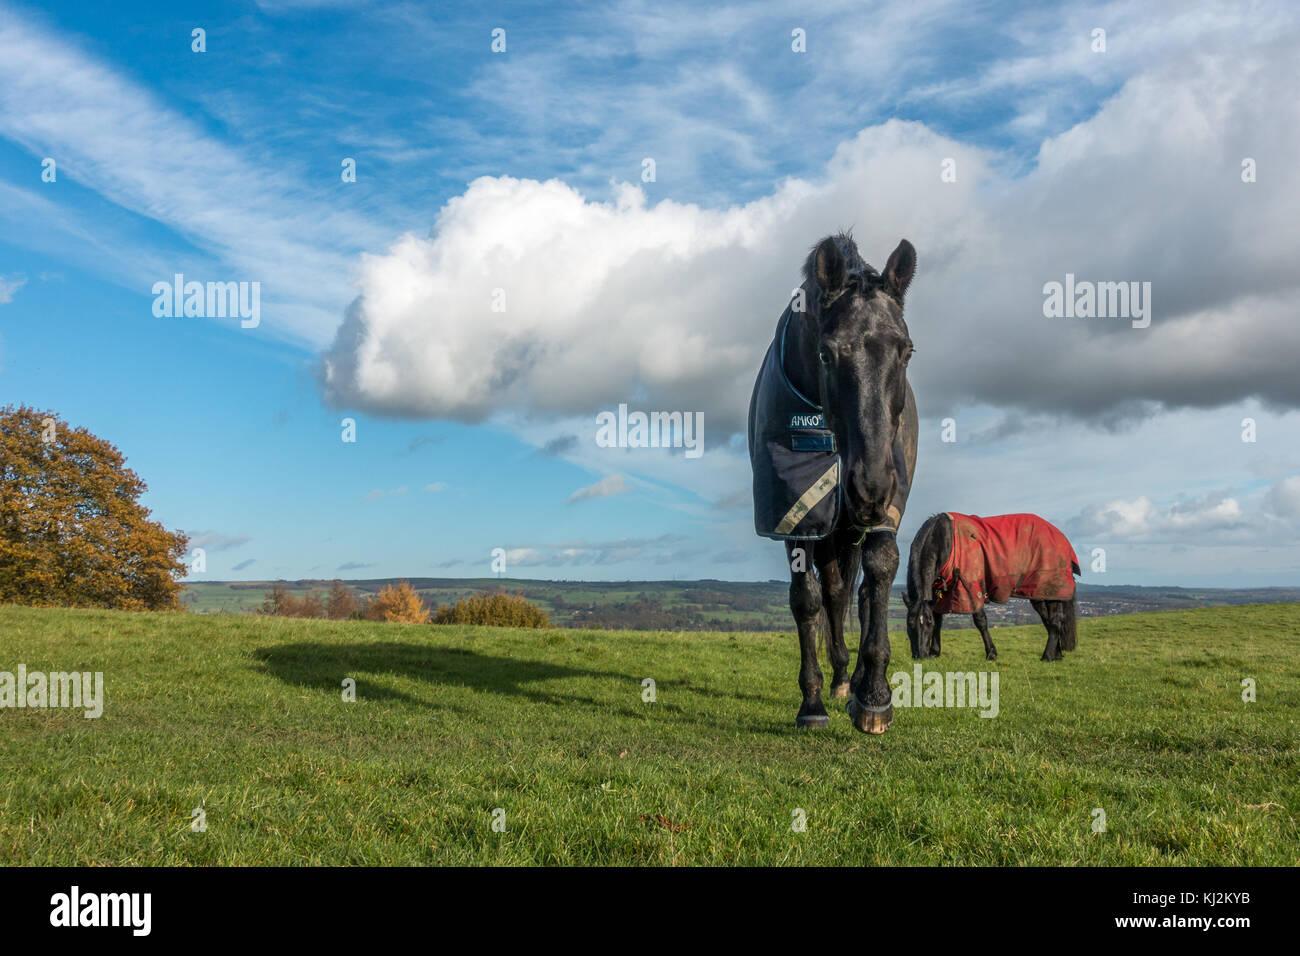 Dos caballos en un campo en un soleado día de invierno vistiendo capas caballo amigo Imagen De Stock